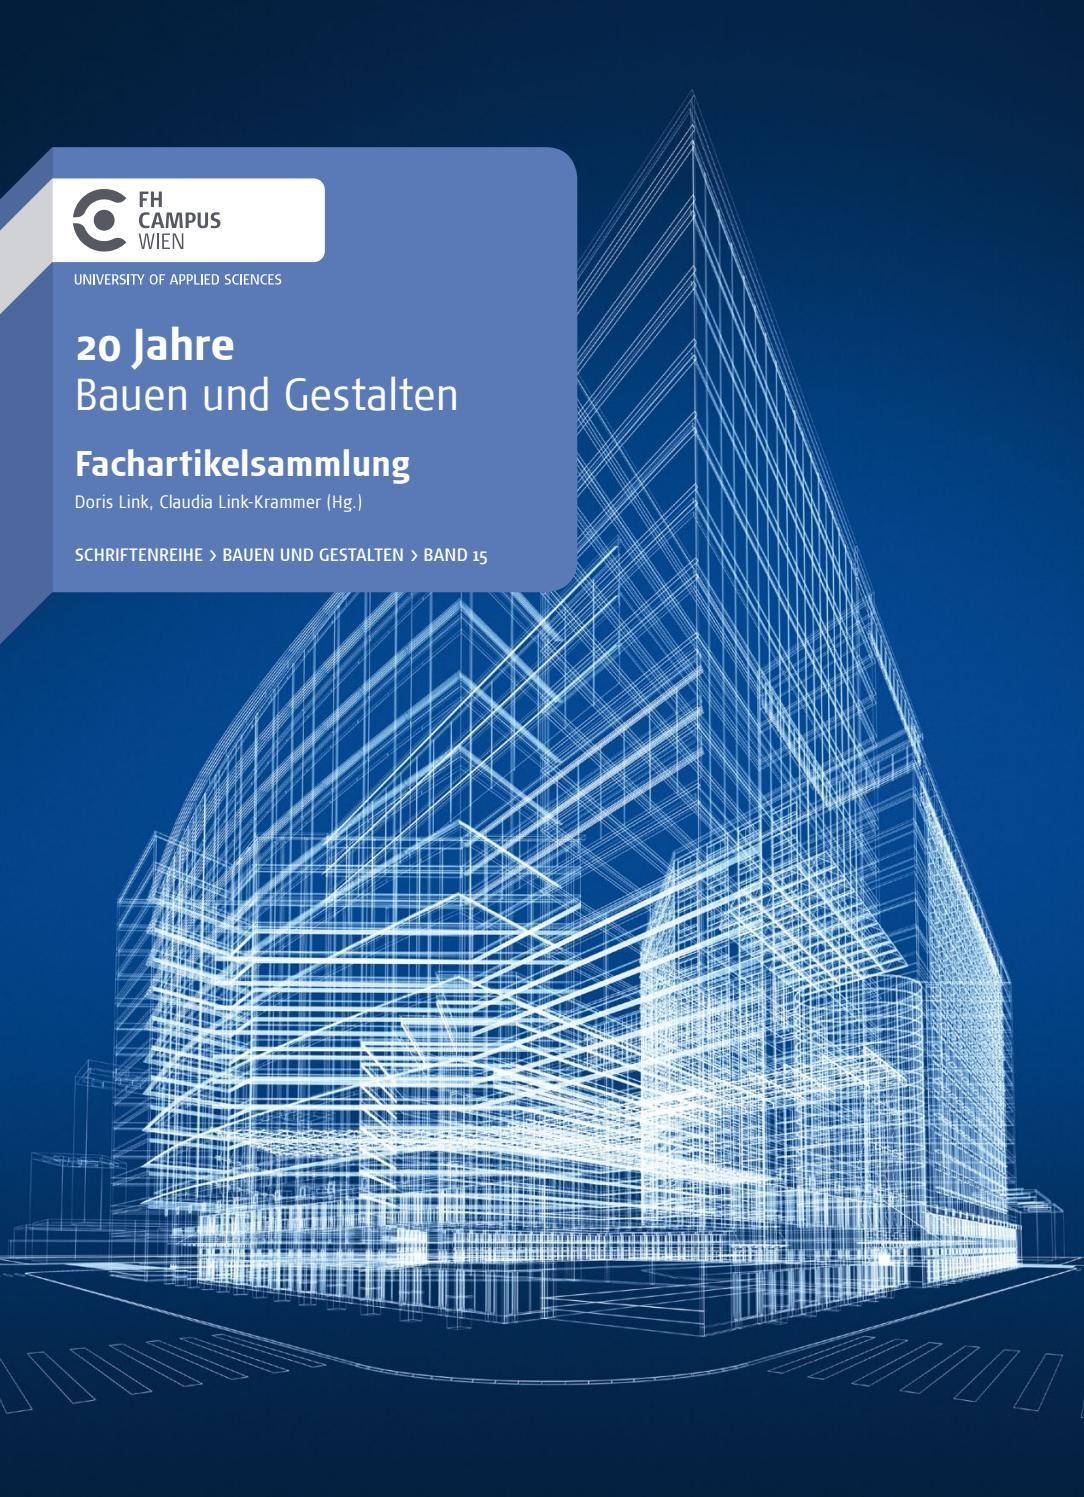 f4a6223cc9e725 Fachartikelsammlung 20 Jahre Bauen und Gestalten by FH Campus Wien - issuu